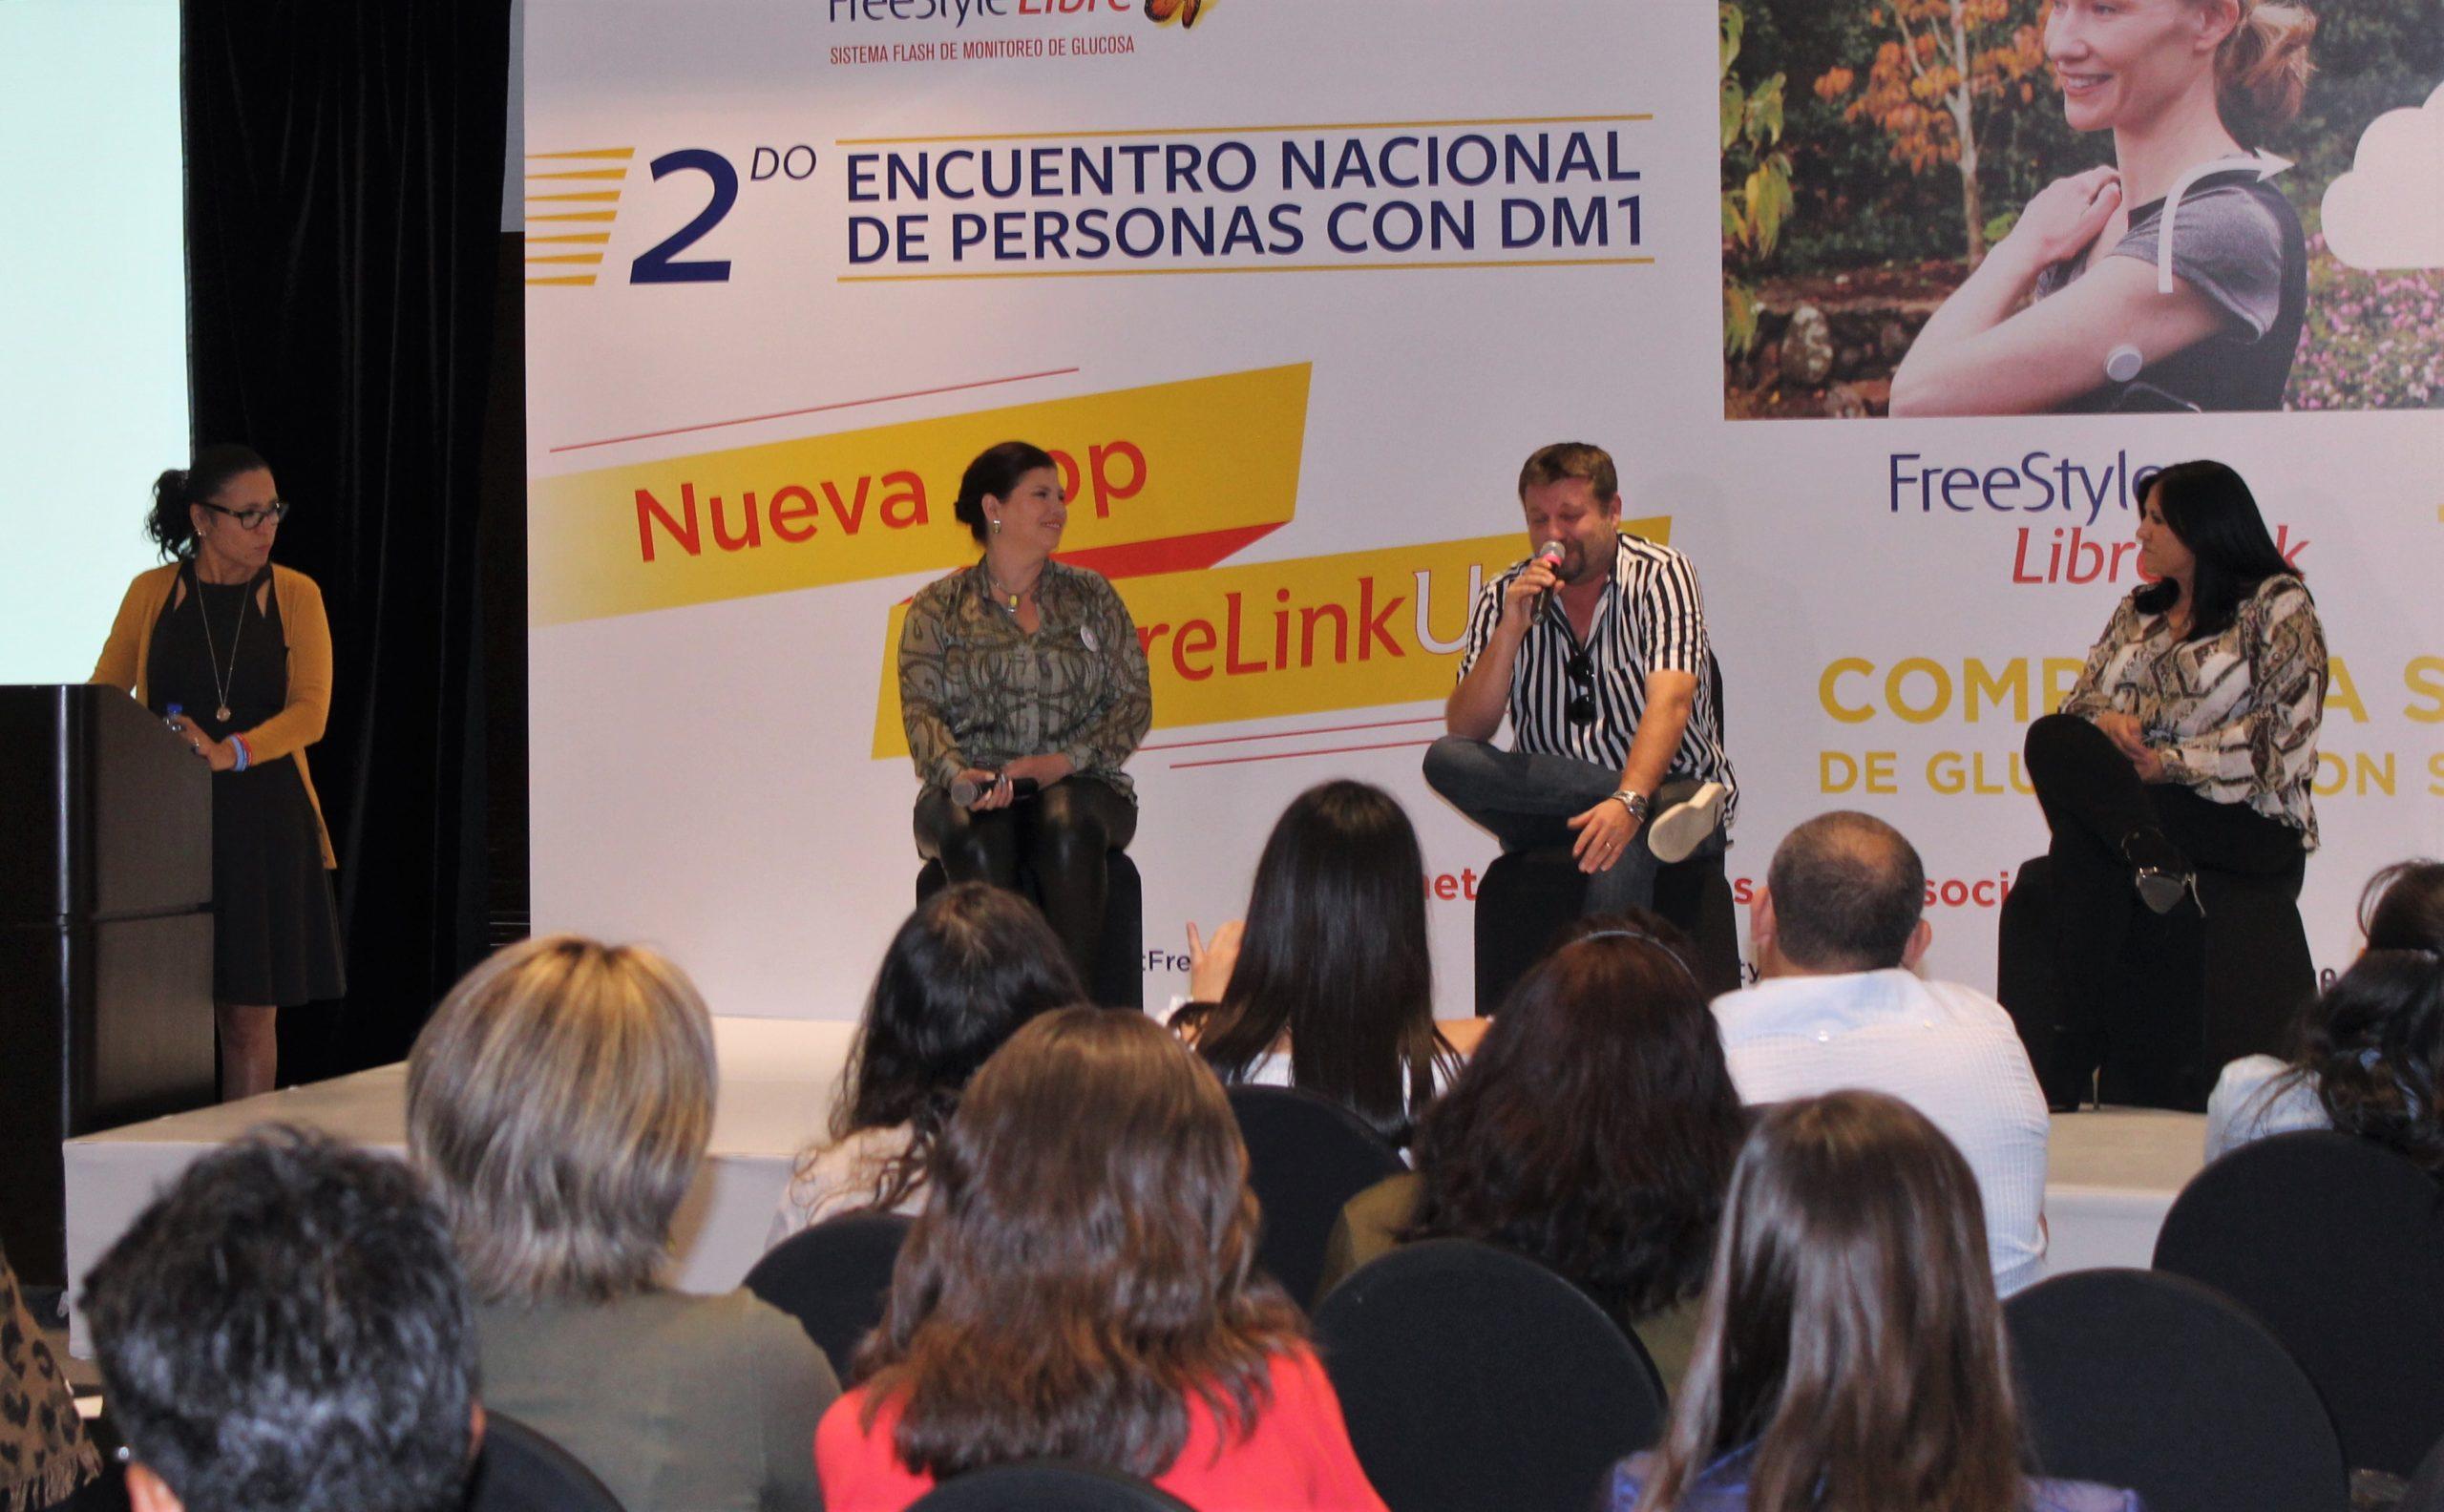 Podium Encuentro Nacional para pacientes con DM1 en la Ciudad de México